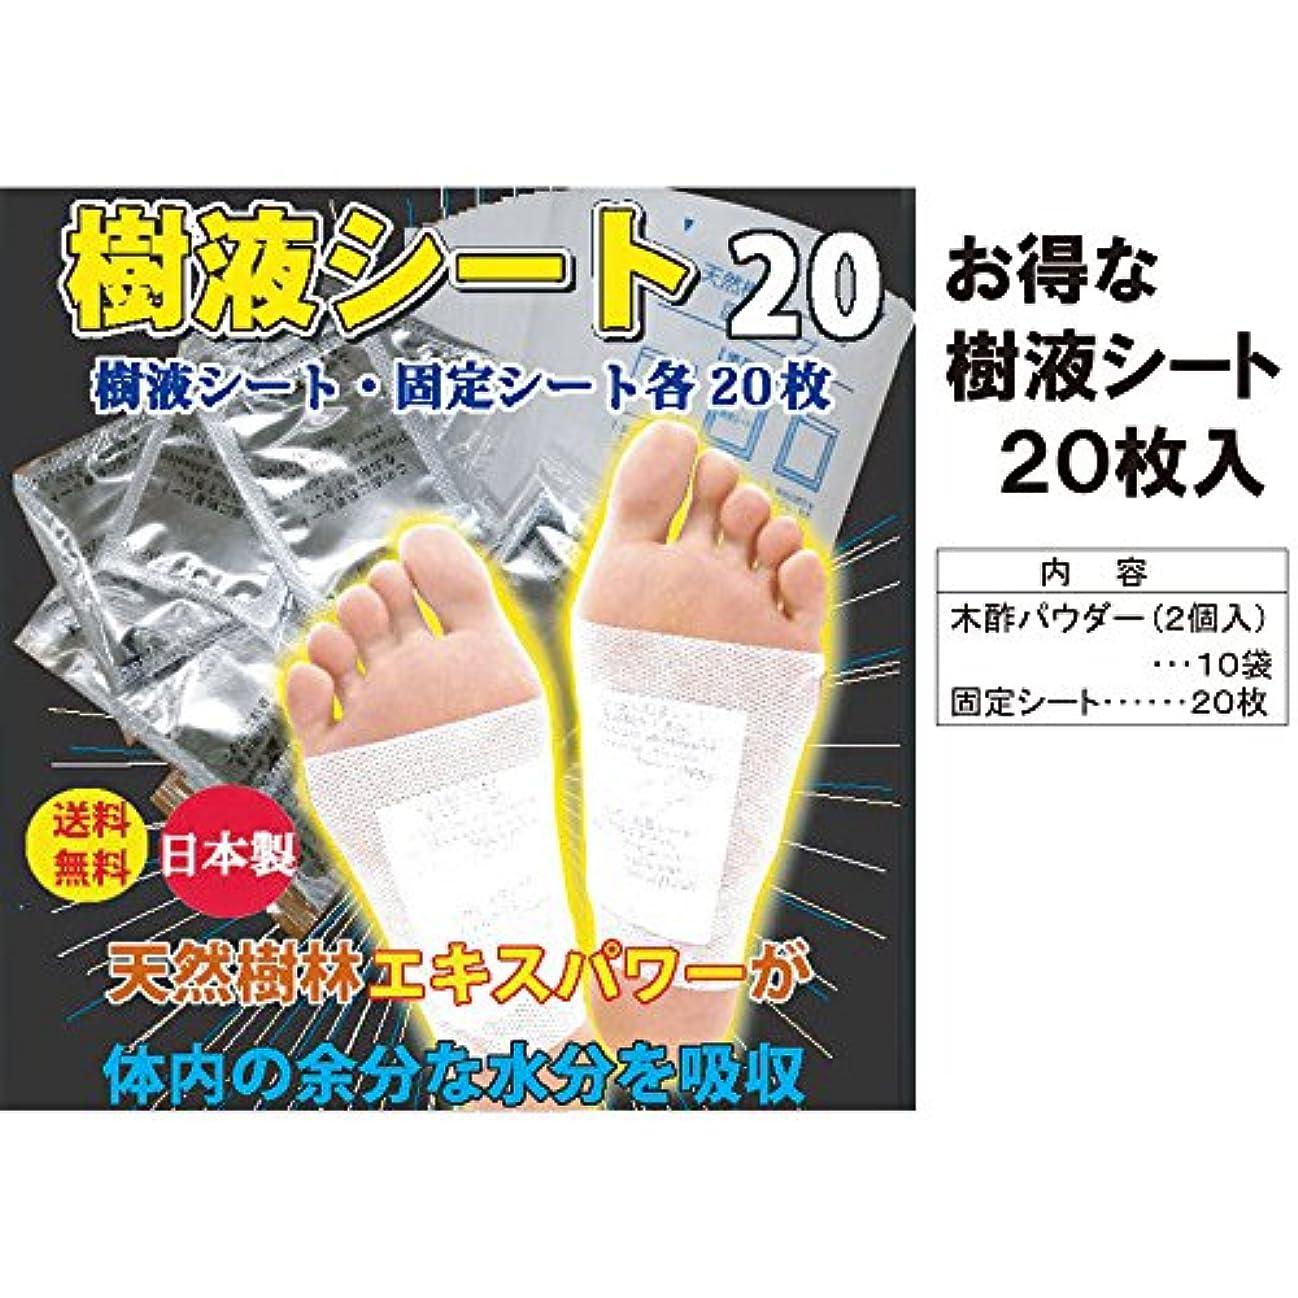 脅かすかろうじて奇跡的なM&Sジャパン 日本製 足裏樹液シート200枚 20枚入り10個セット 足裏 シート お徳用 健康 グッズ 足ツボ